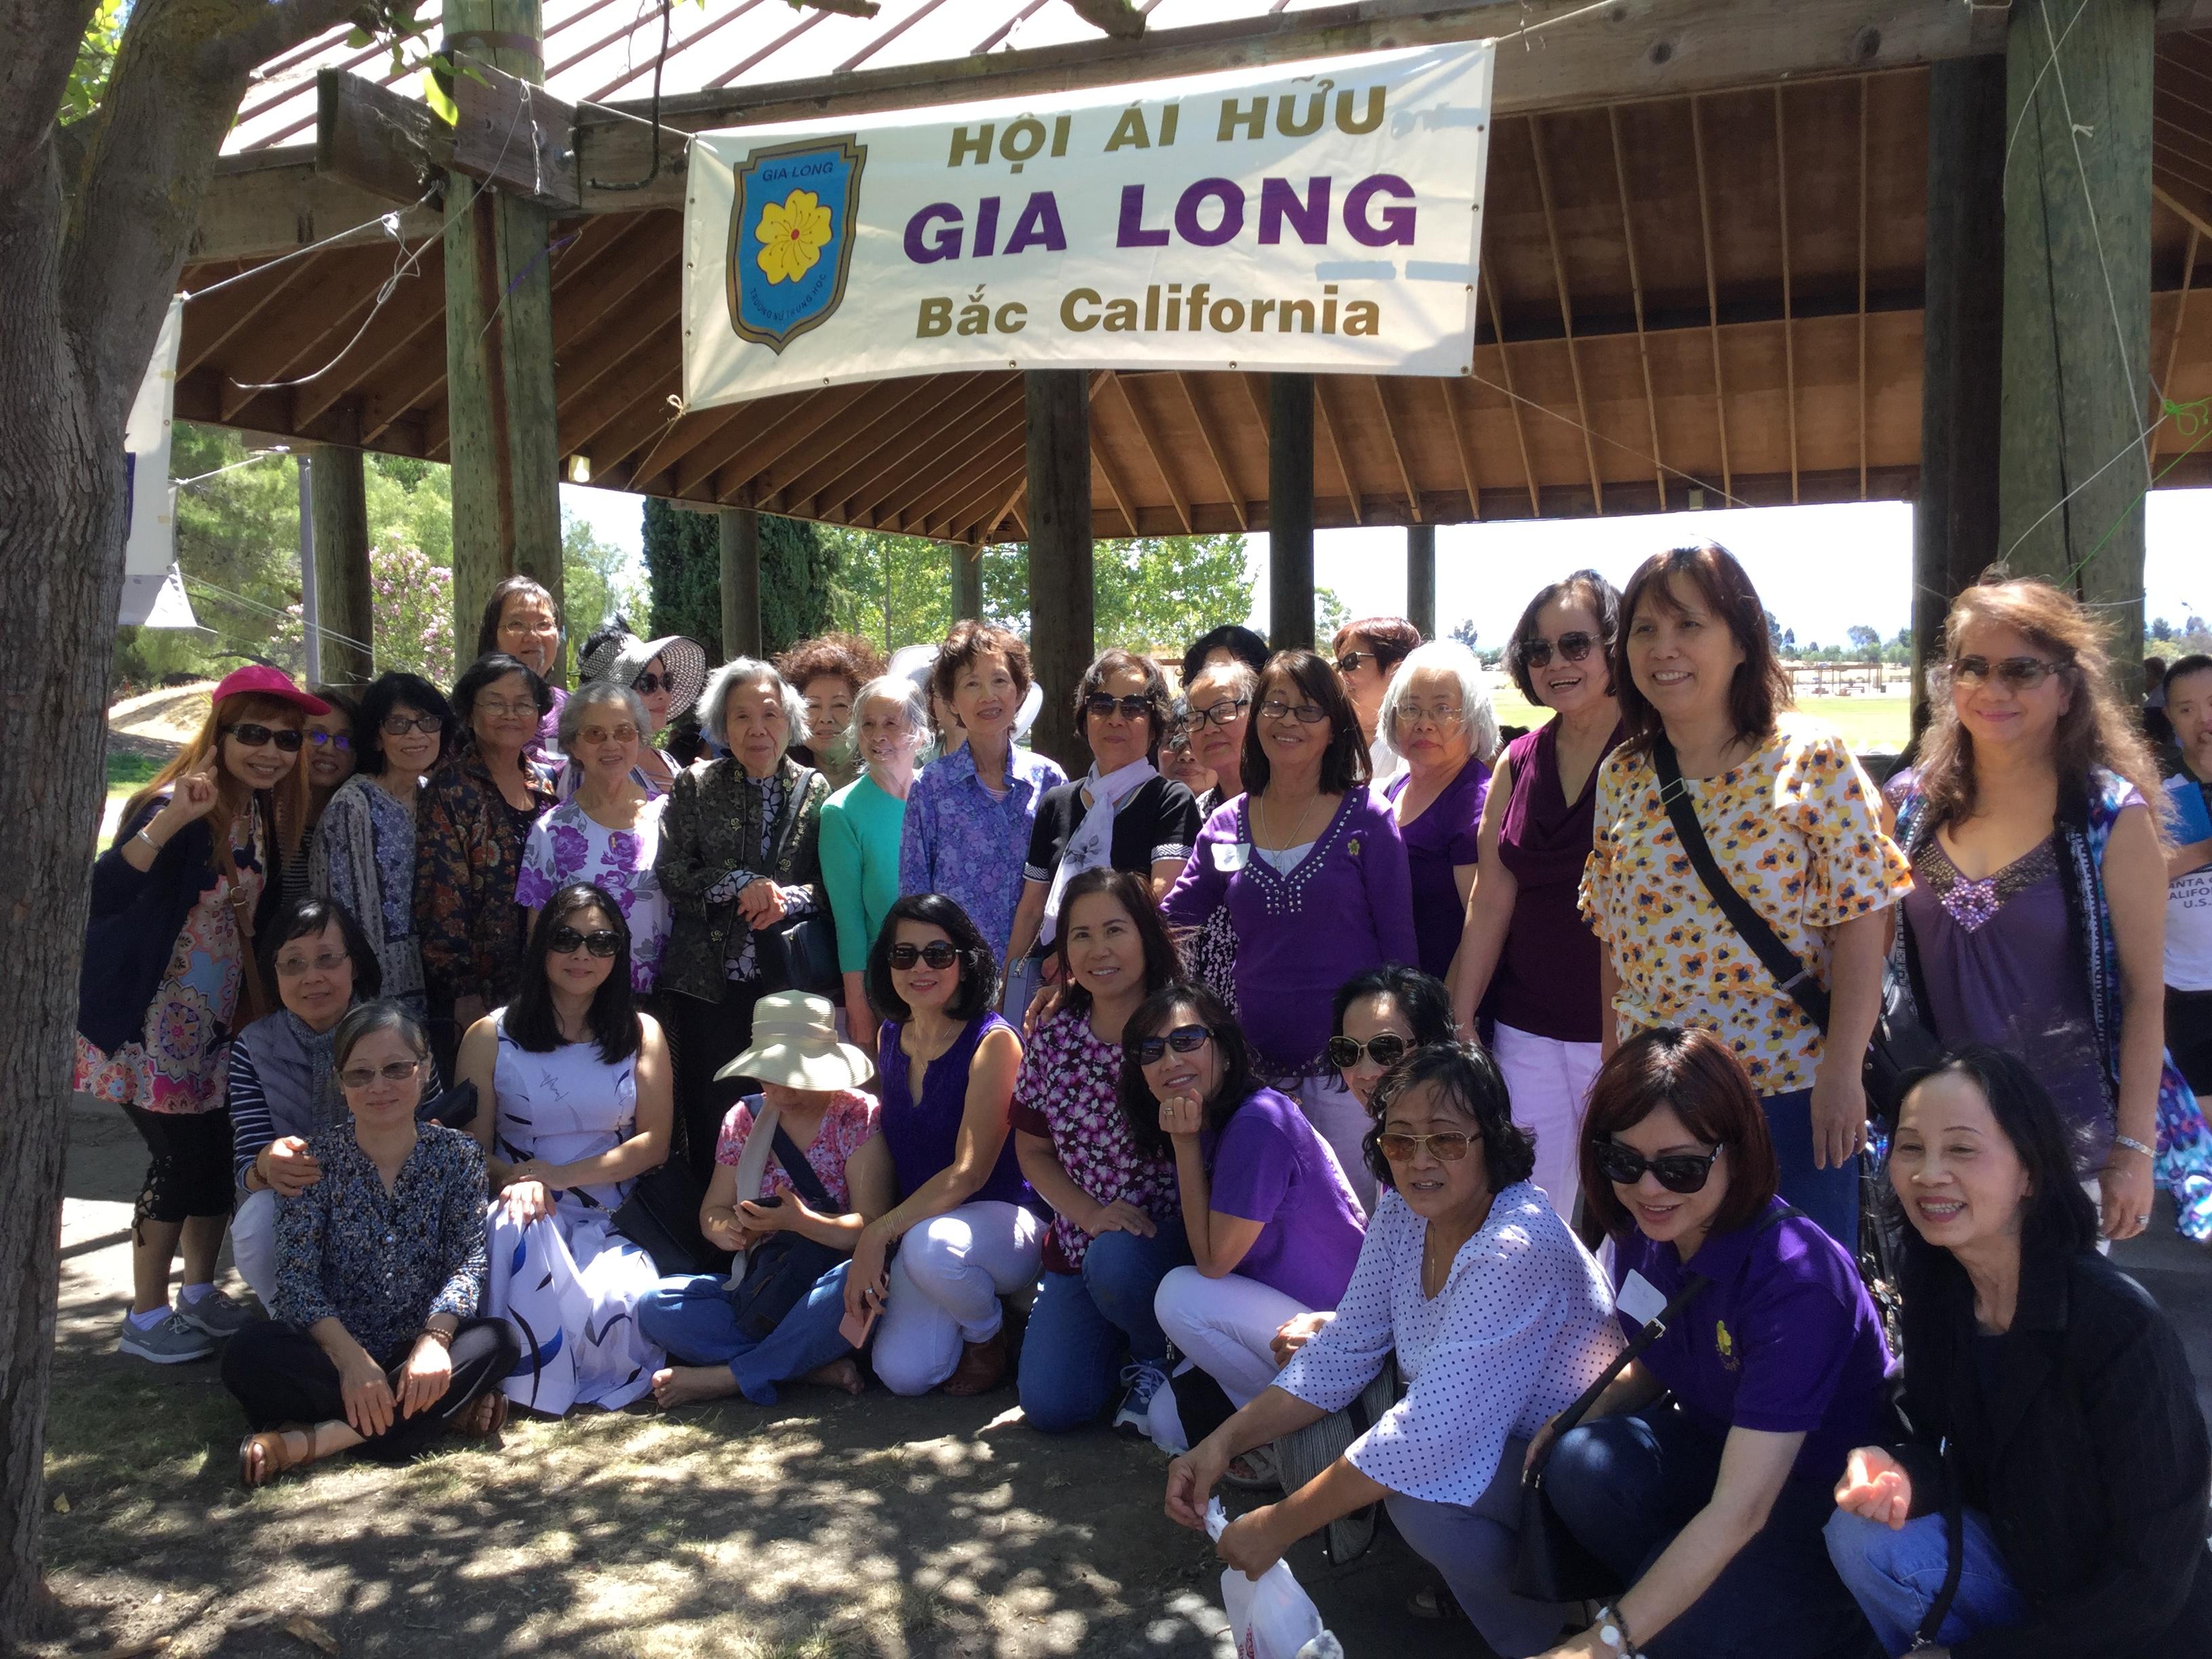 Đại gia đình Gia Long Bắc California - Picnic Liên Trường 2019